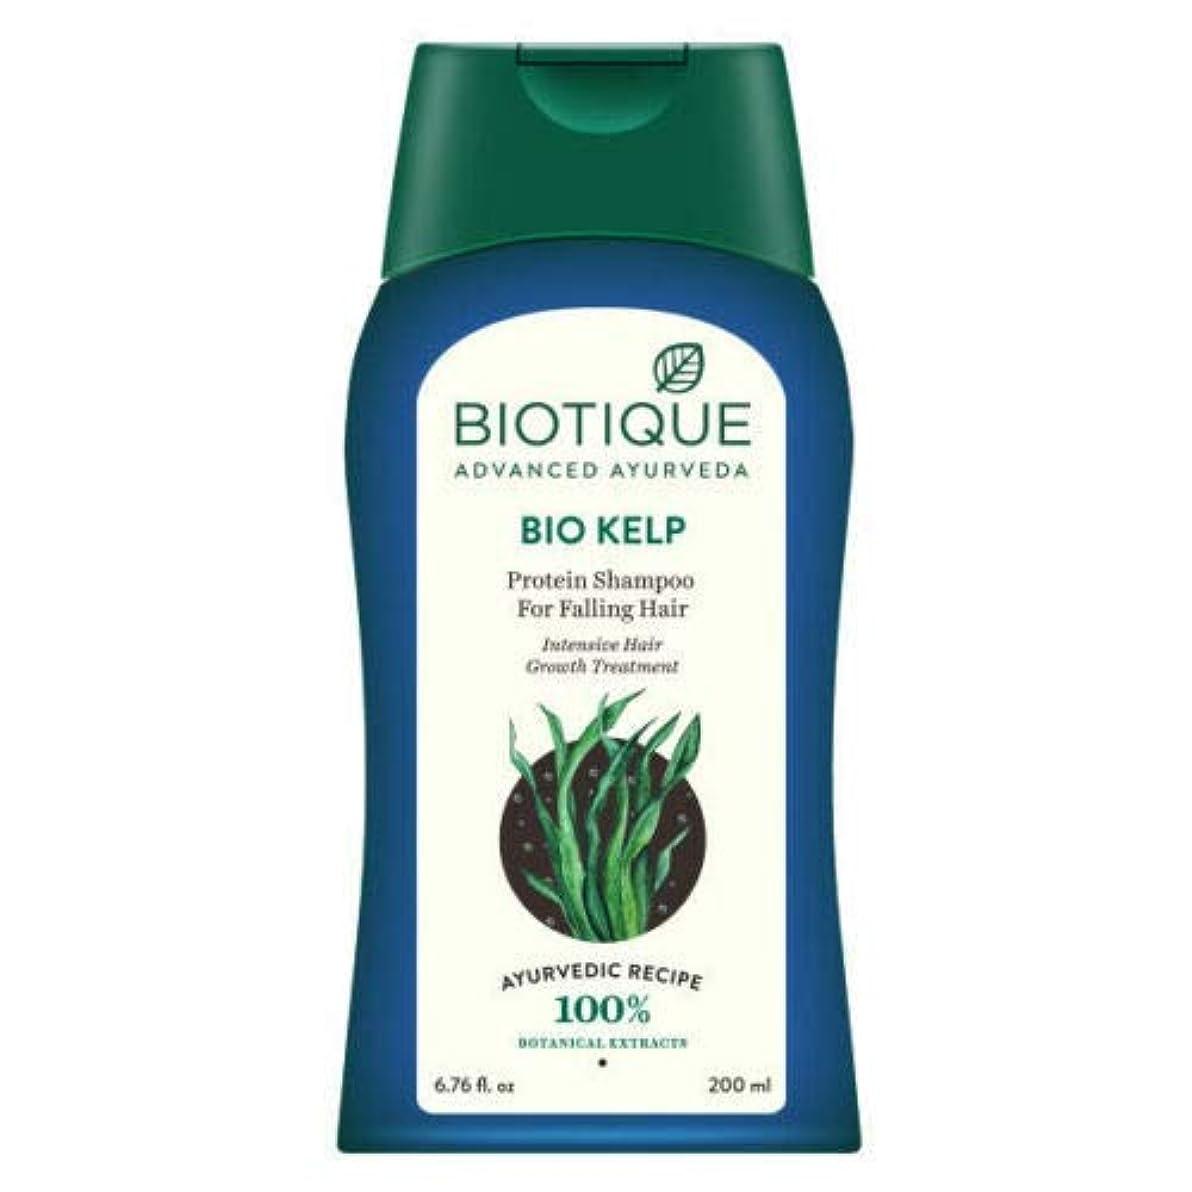 独裁者休戦畝間Biotique Bio Kelp Protein Shampoo For Falling Hair (200 ml) 100% Natural Recipe 落下の毛100%の自然な調理法のためのBiotiqueのバイオケルプ蛋白質のシャンプー